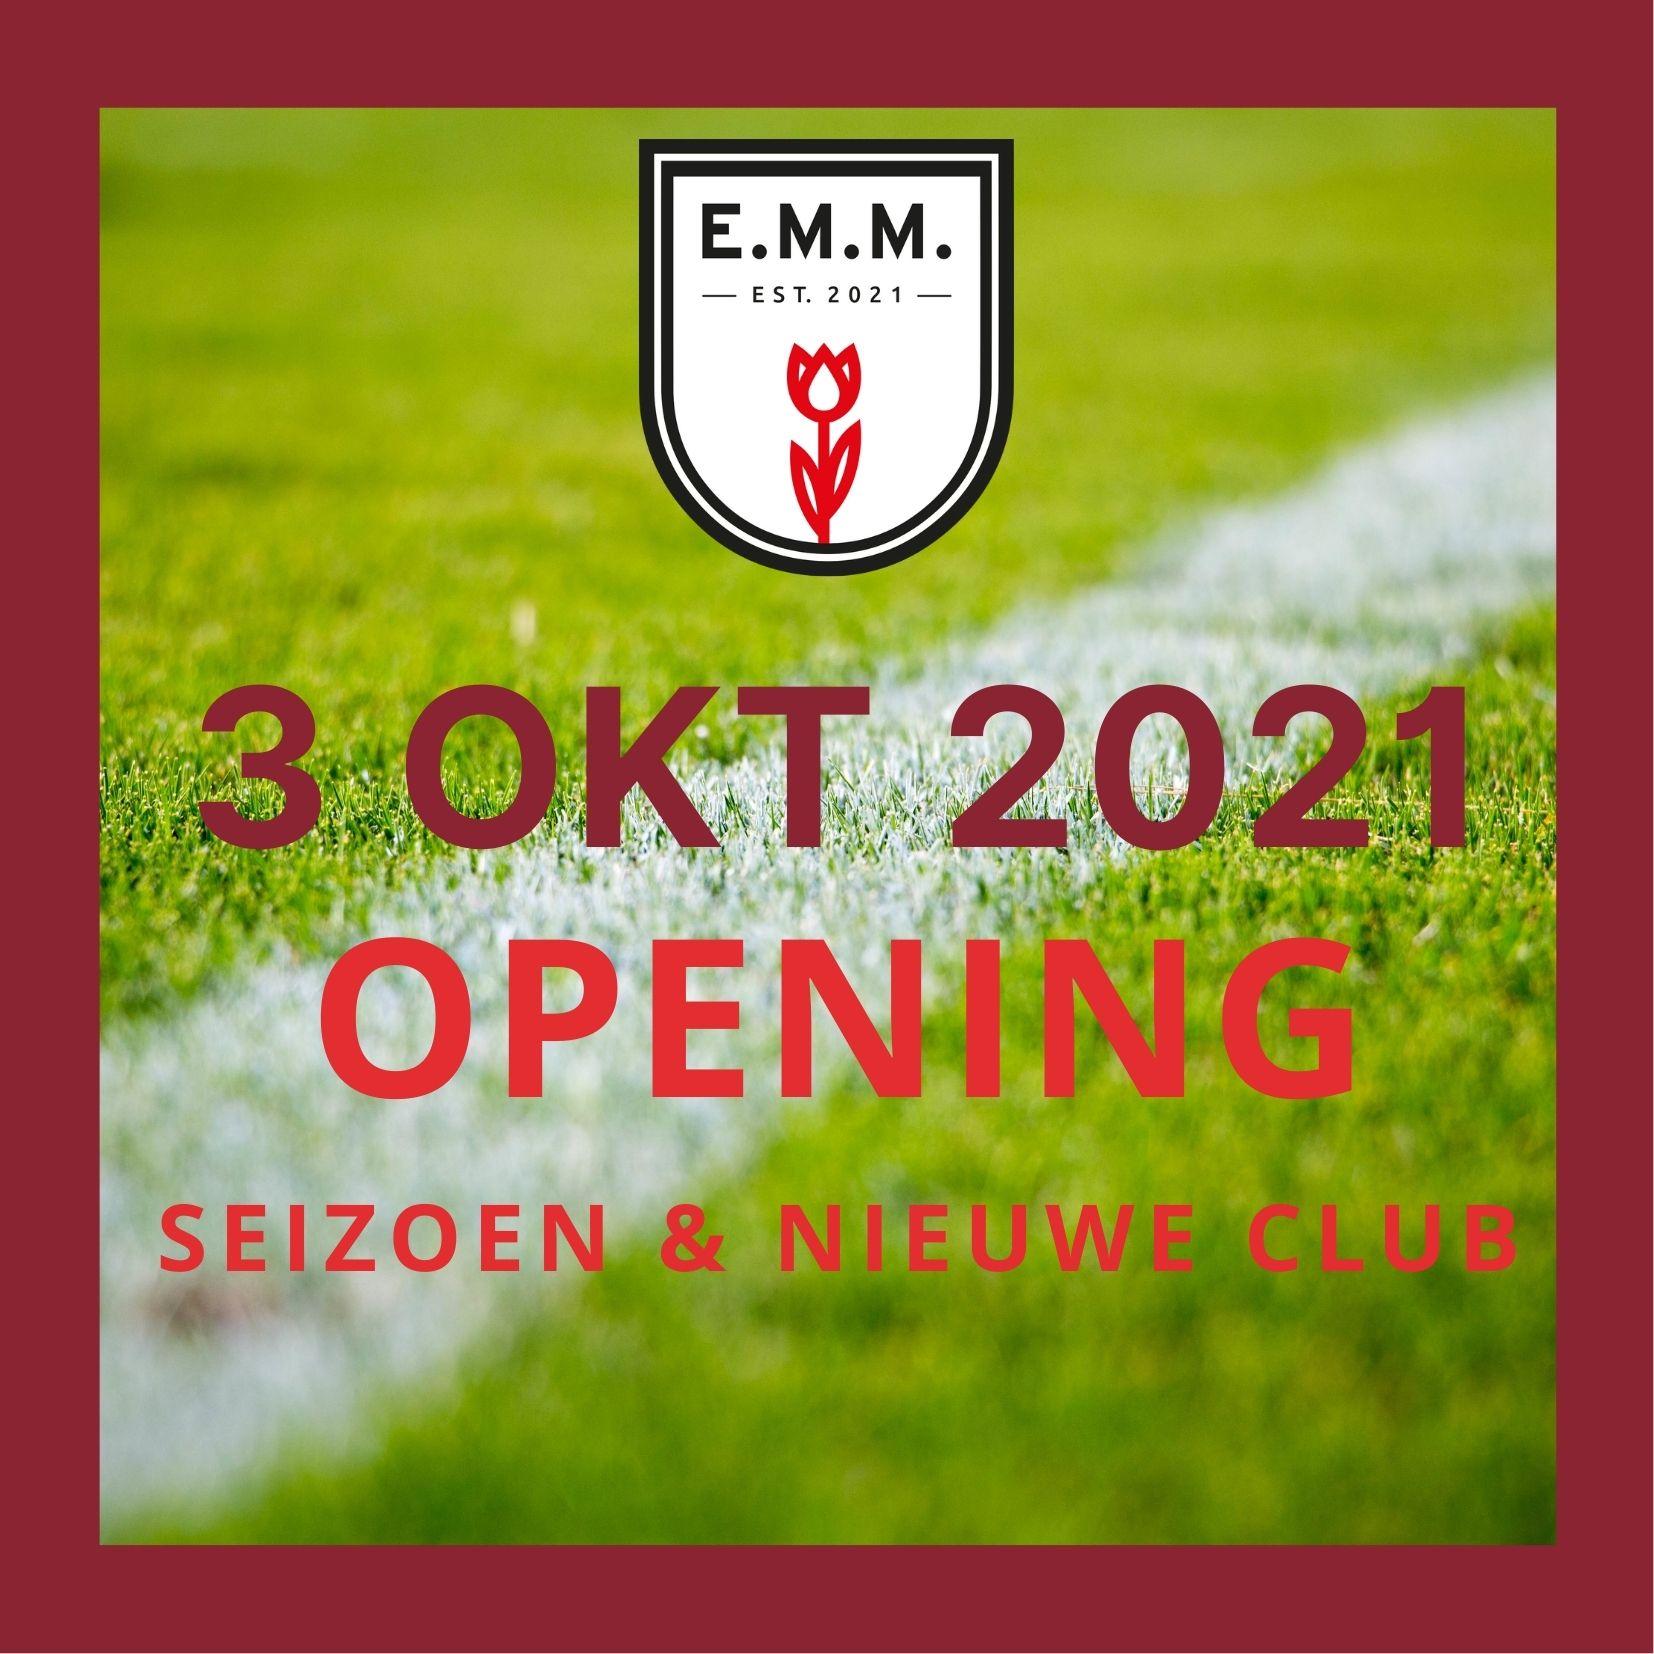 Officiele opening seizoen en nieuwe club